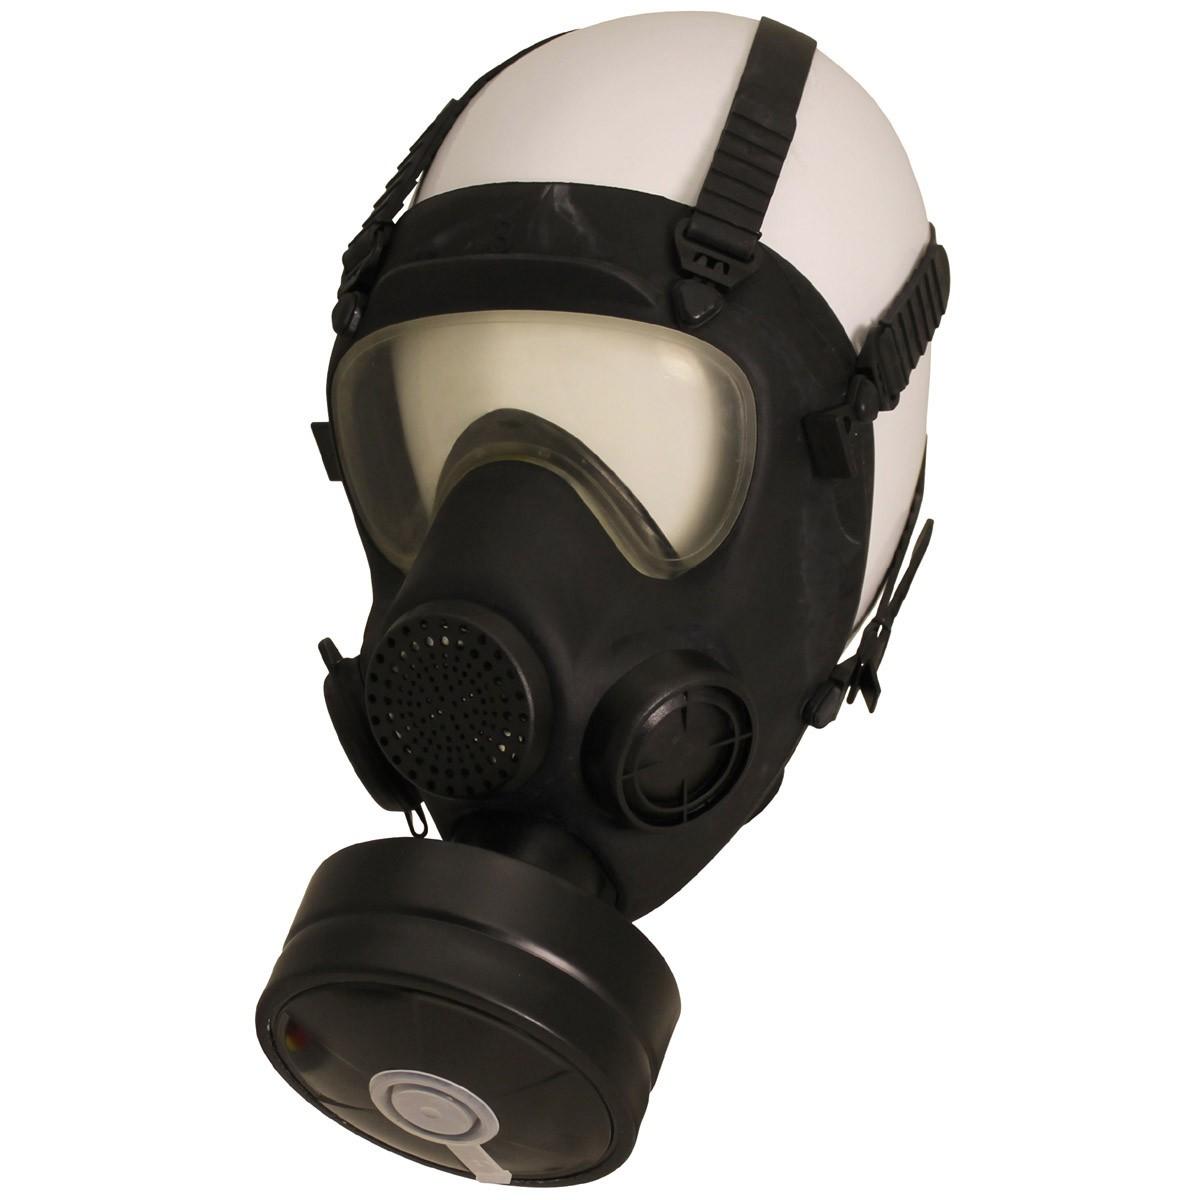 Maska polská MP5 kompletní s filtrem a brašnou NOVÁ - zvìtšit obrázek